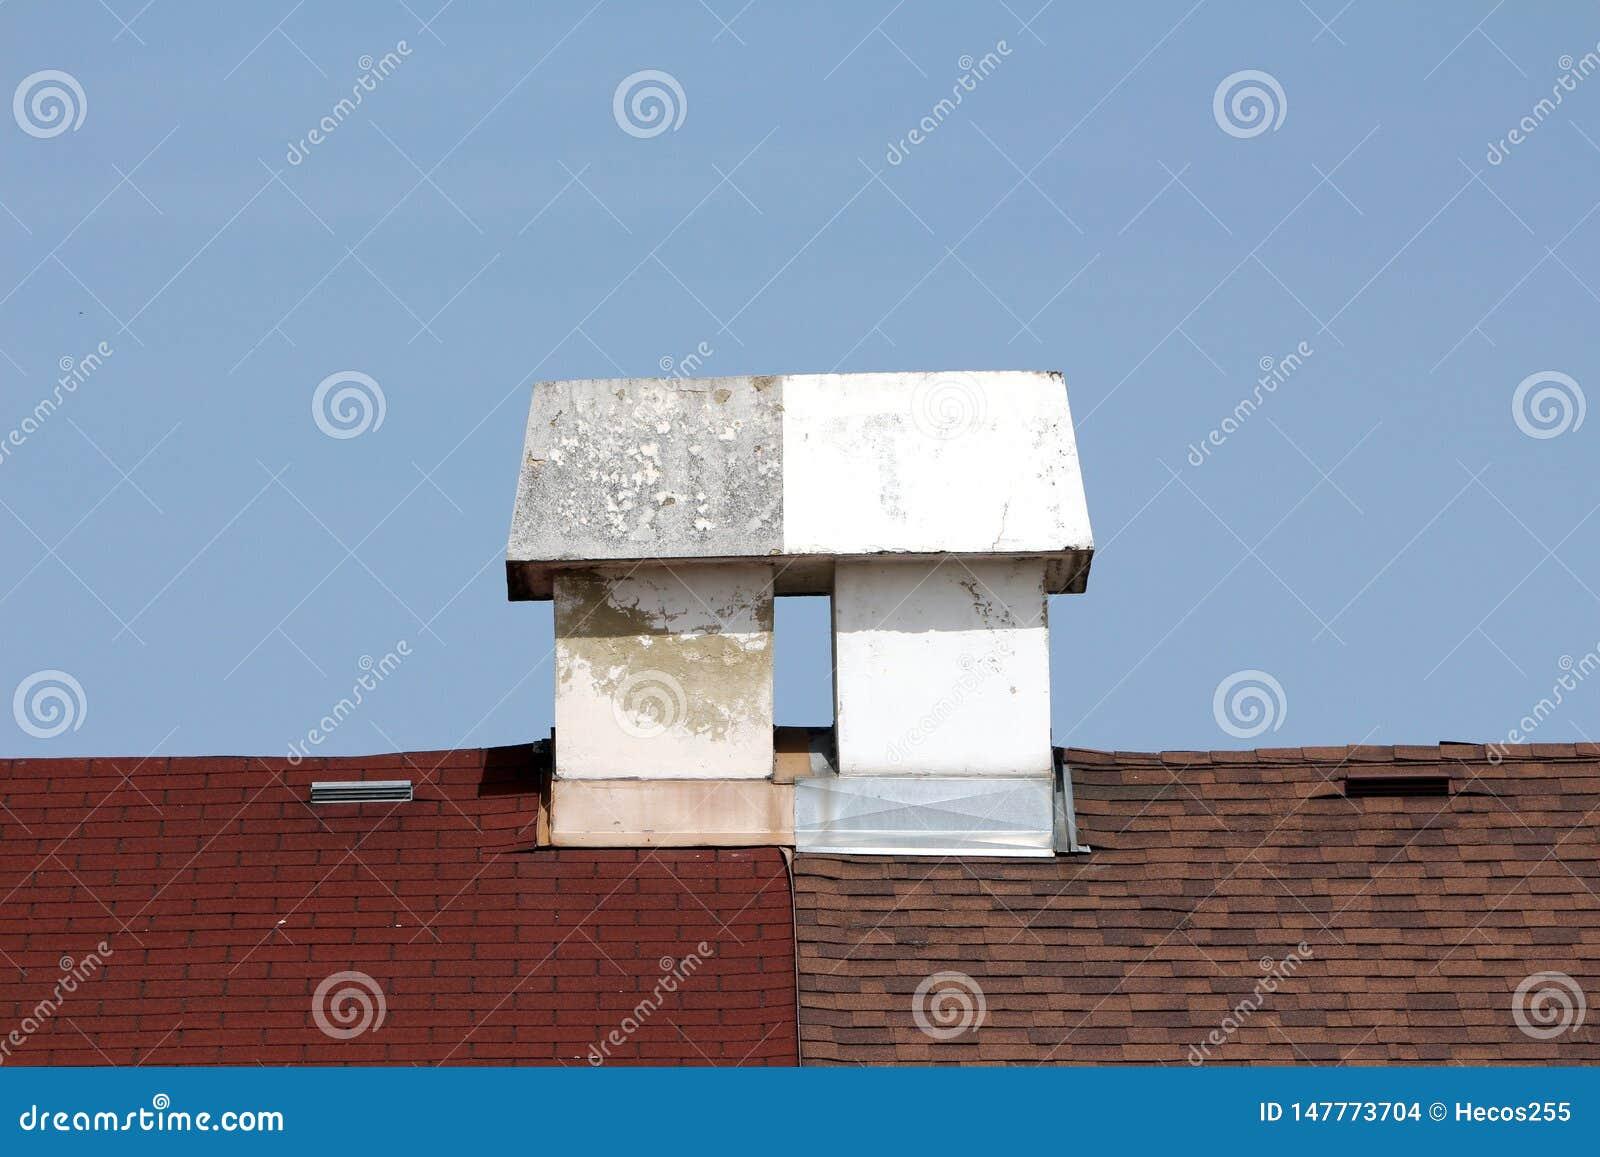 Dubbele verbonden witte concrete schoorstenen bovenop huizendaken in bijlage op duidelijke blauwe hemelrug